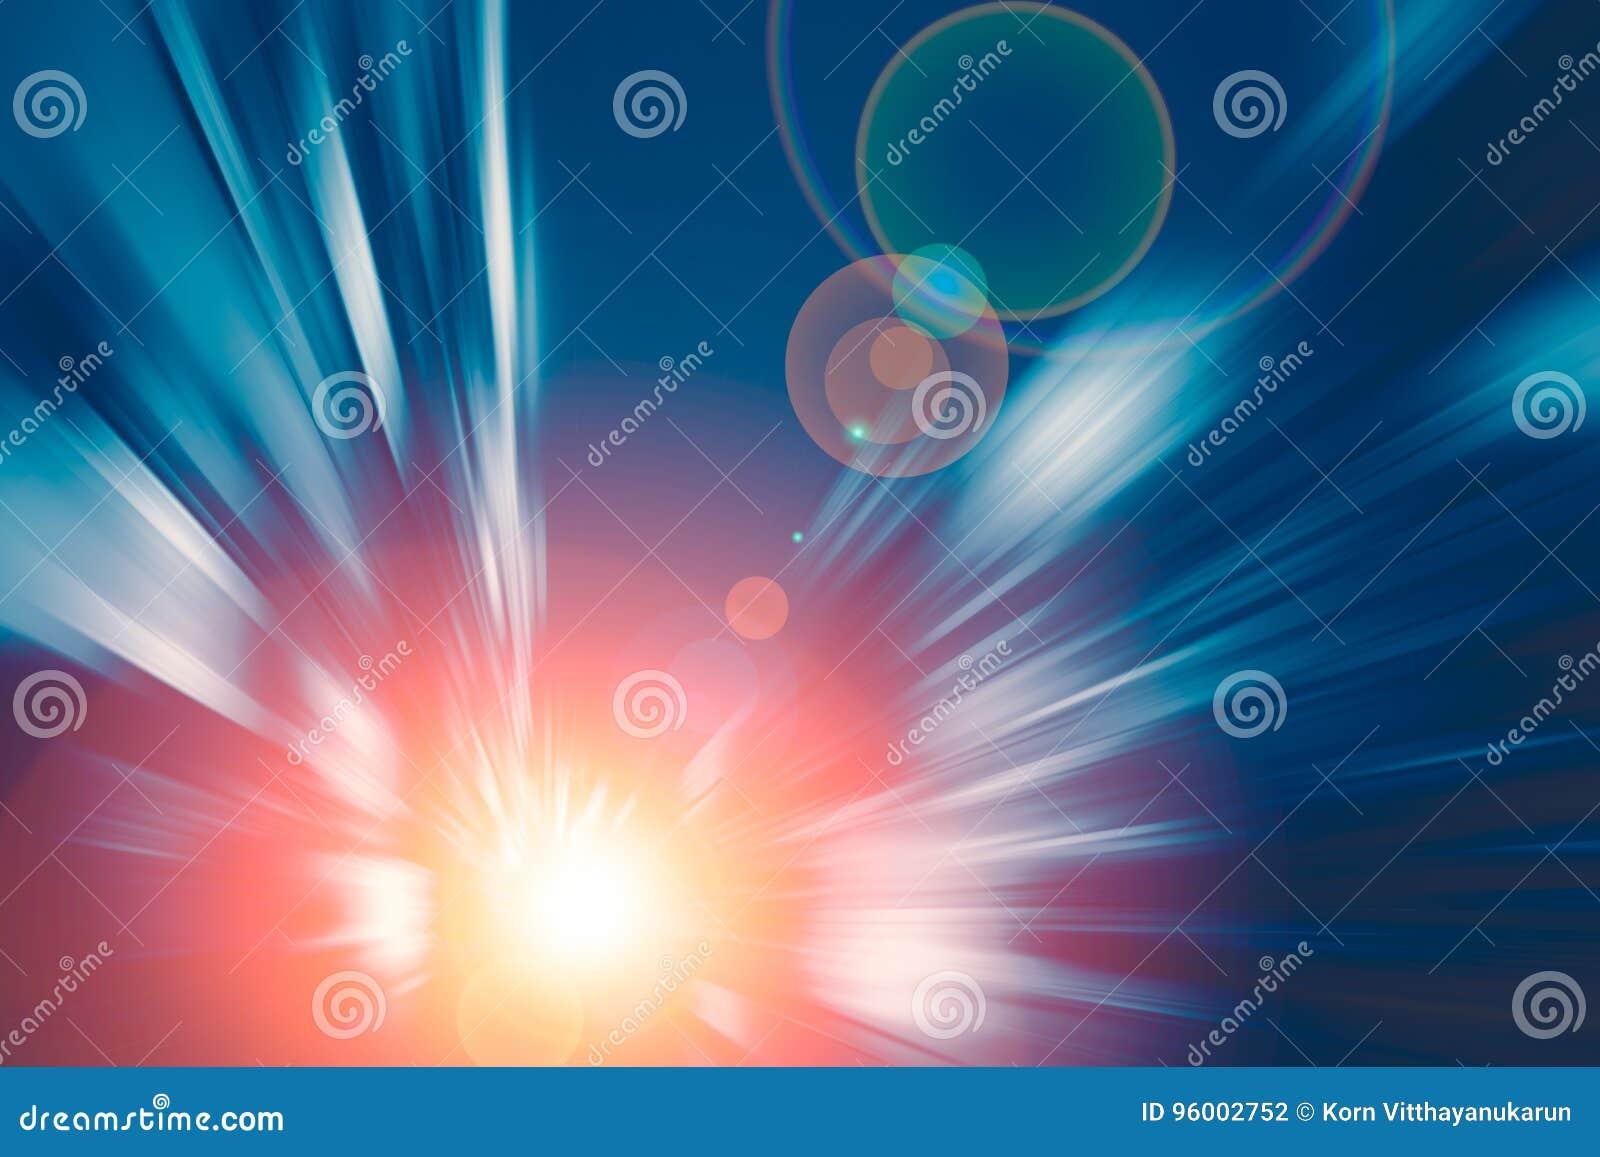 Tono azul de la tecnología de la velocidad rápida móvil del movimiento de la falta de definición indicada el concepto futuro